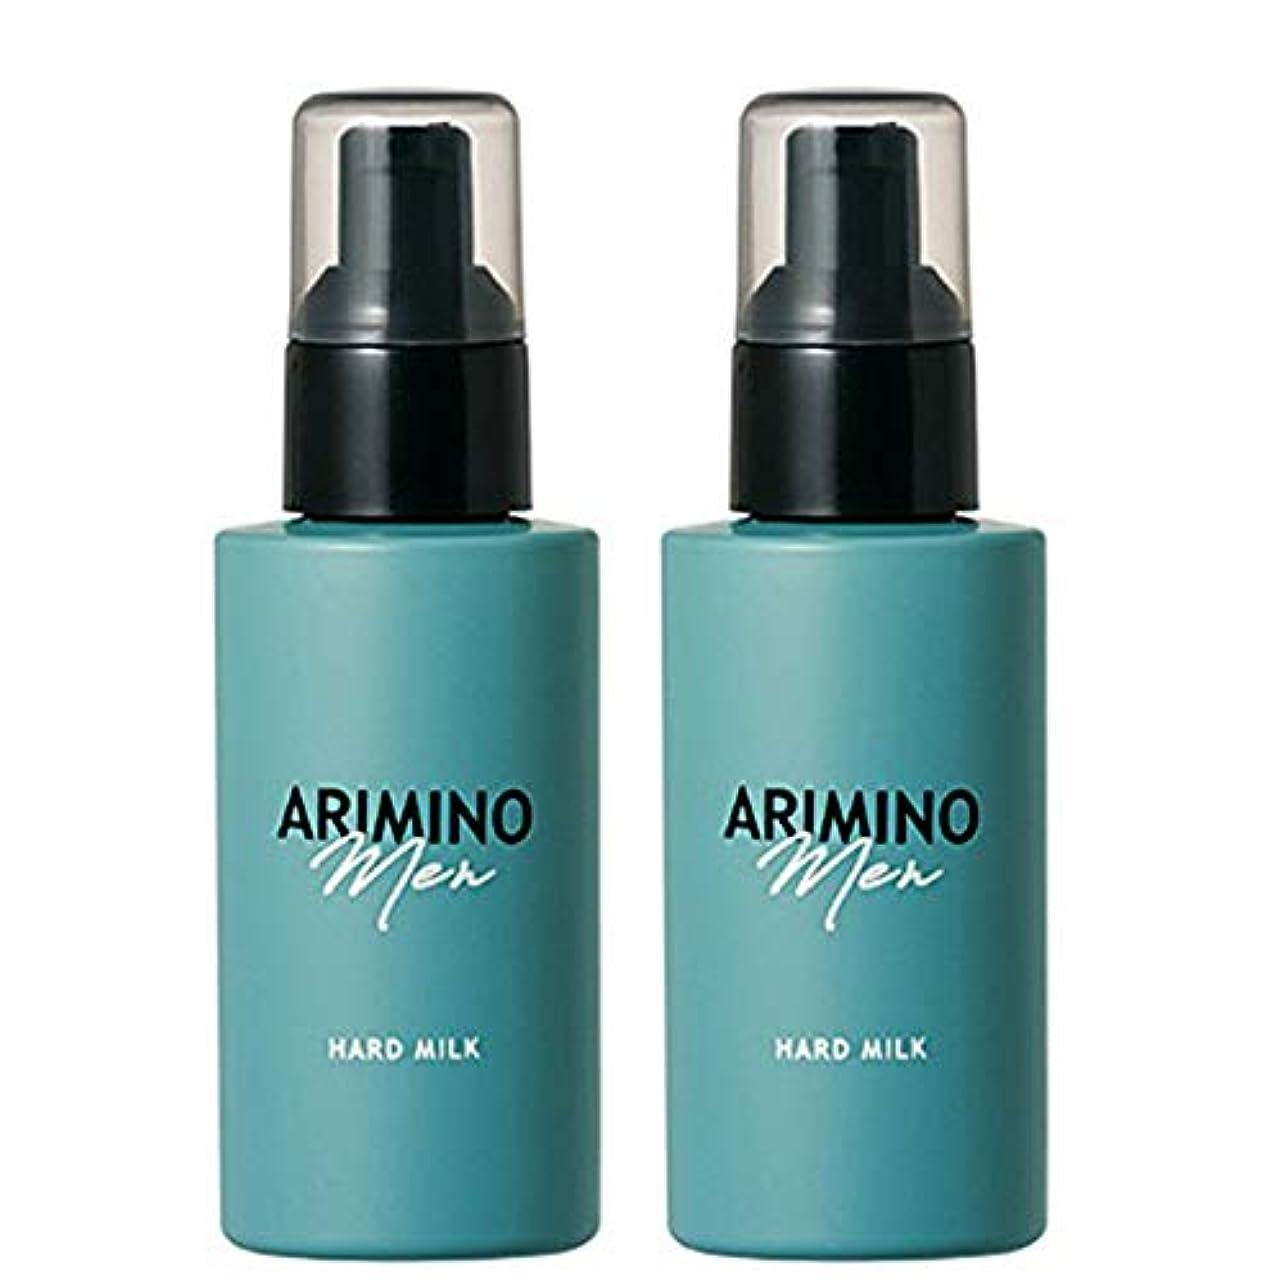 改善電気の見物人アリミノ メン ハード ミルク 100g ×2個 セット arimino men